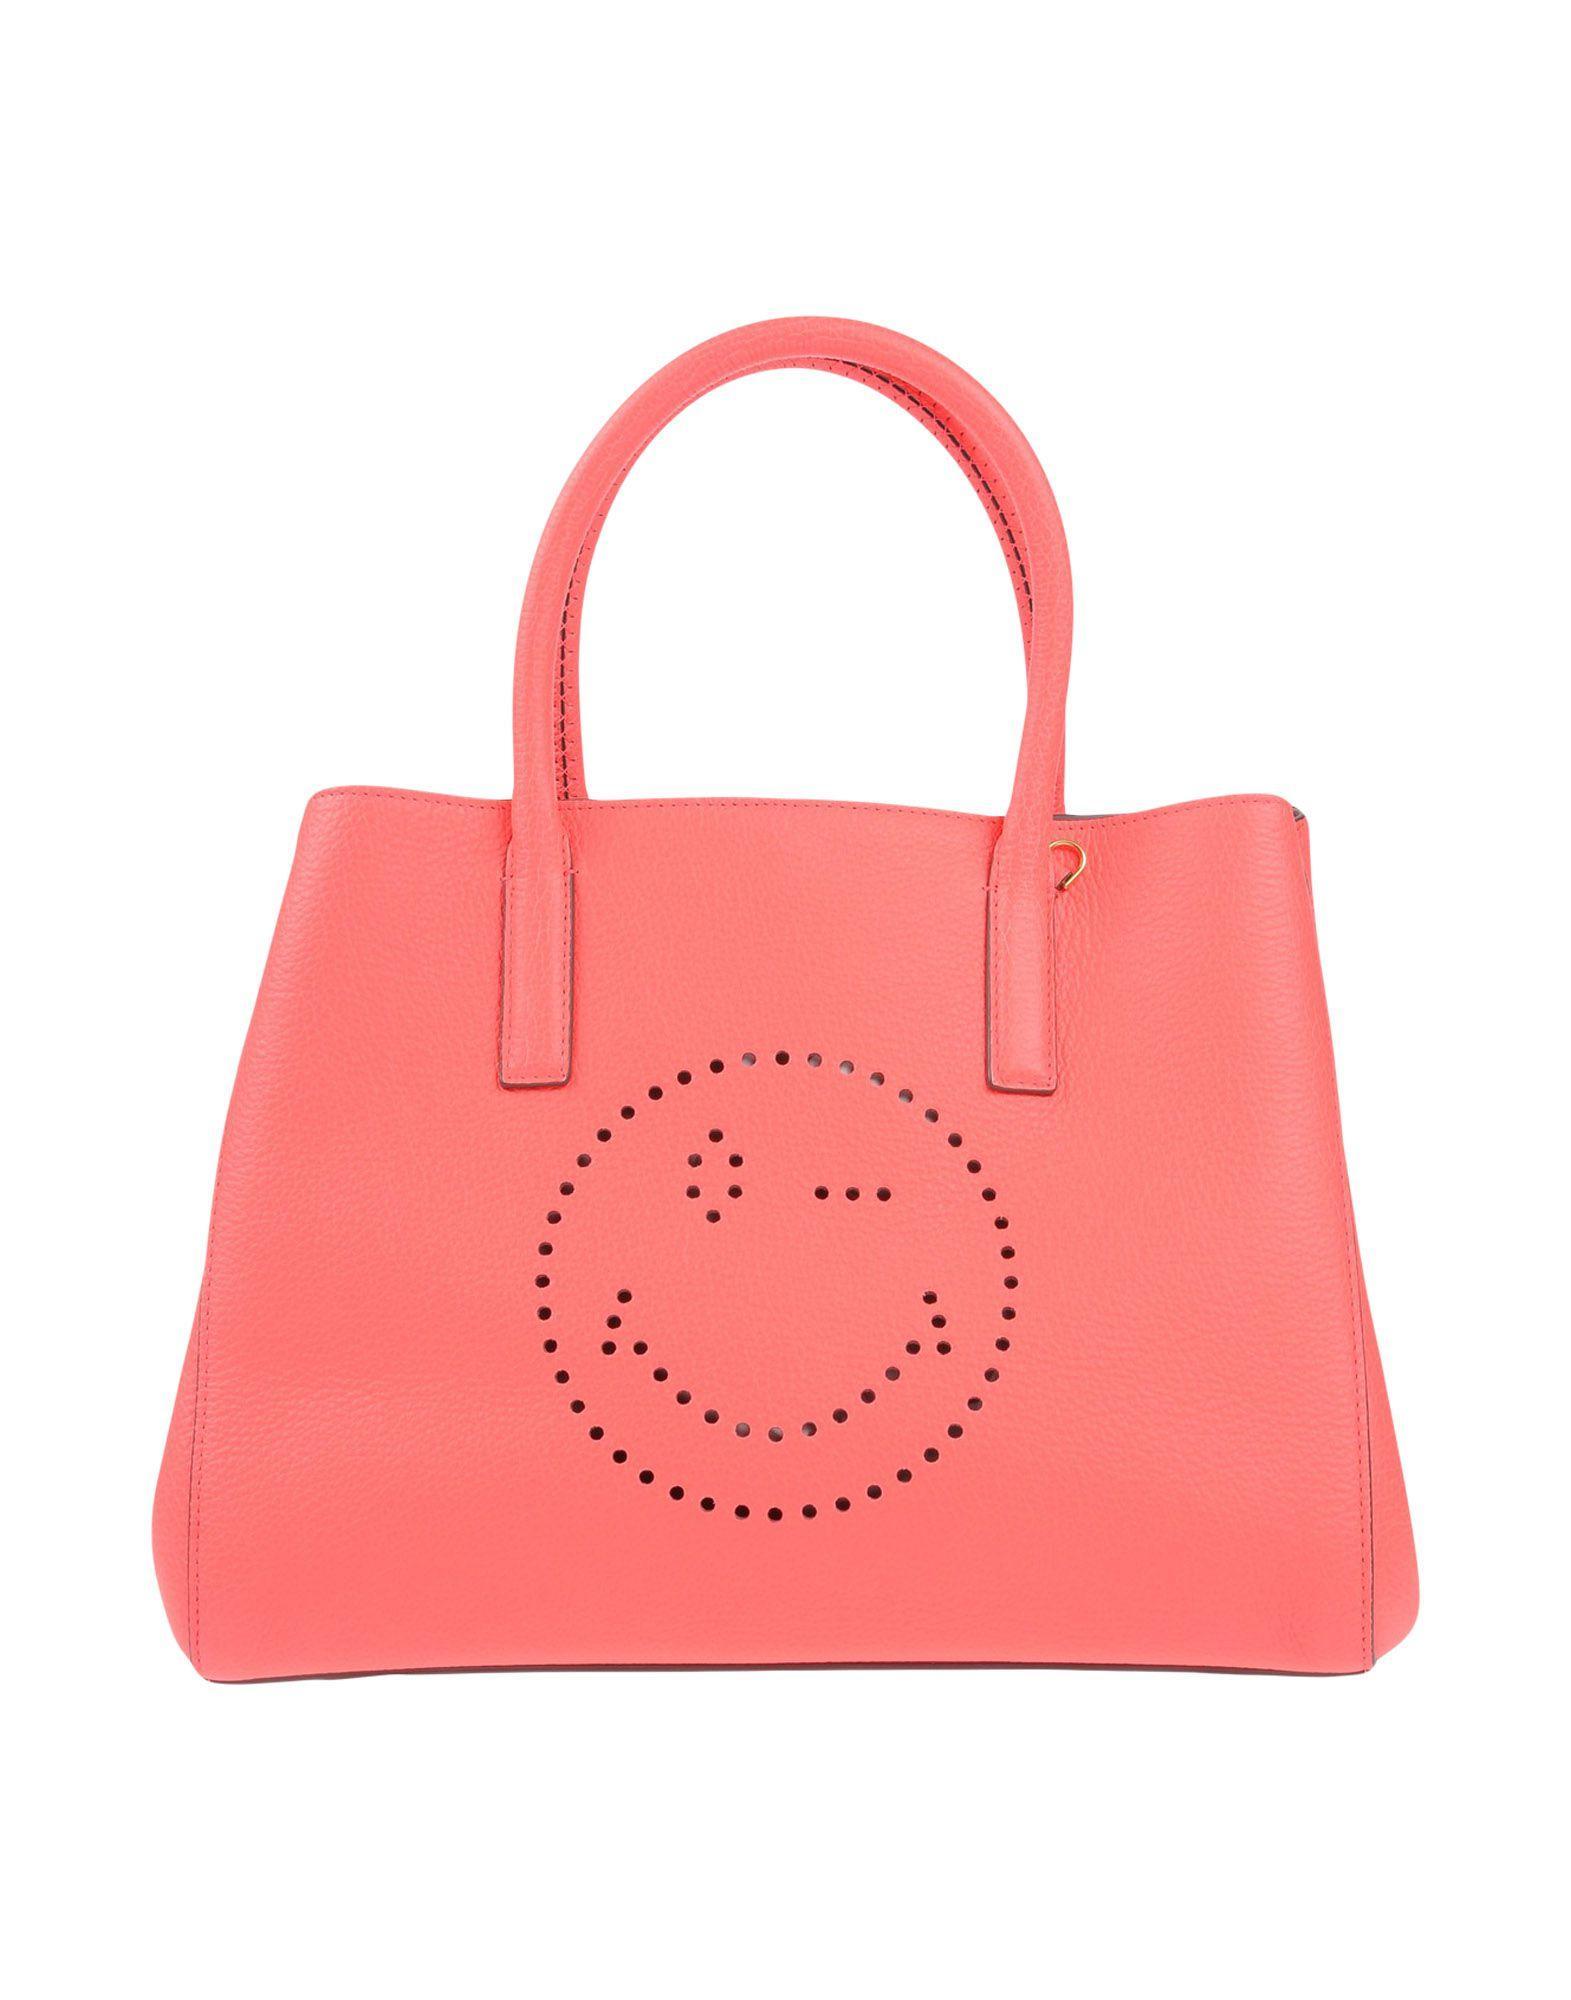 Anya Hindmarch Handbag In Coral